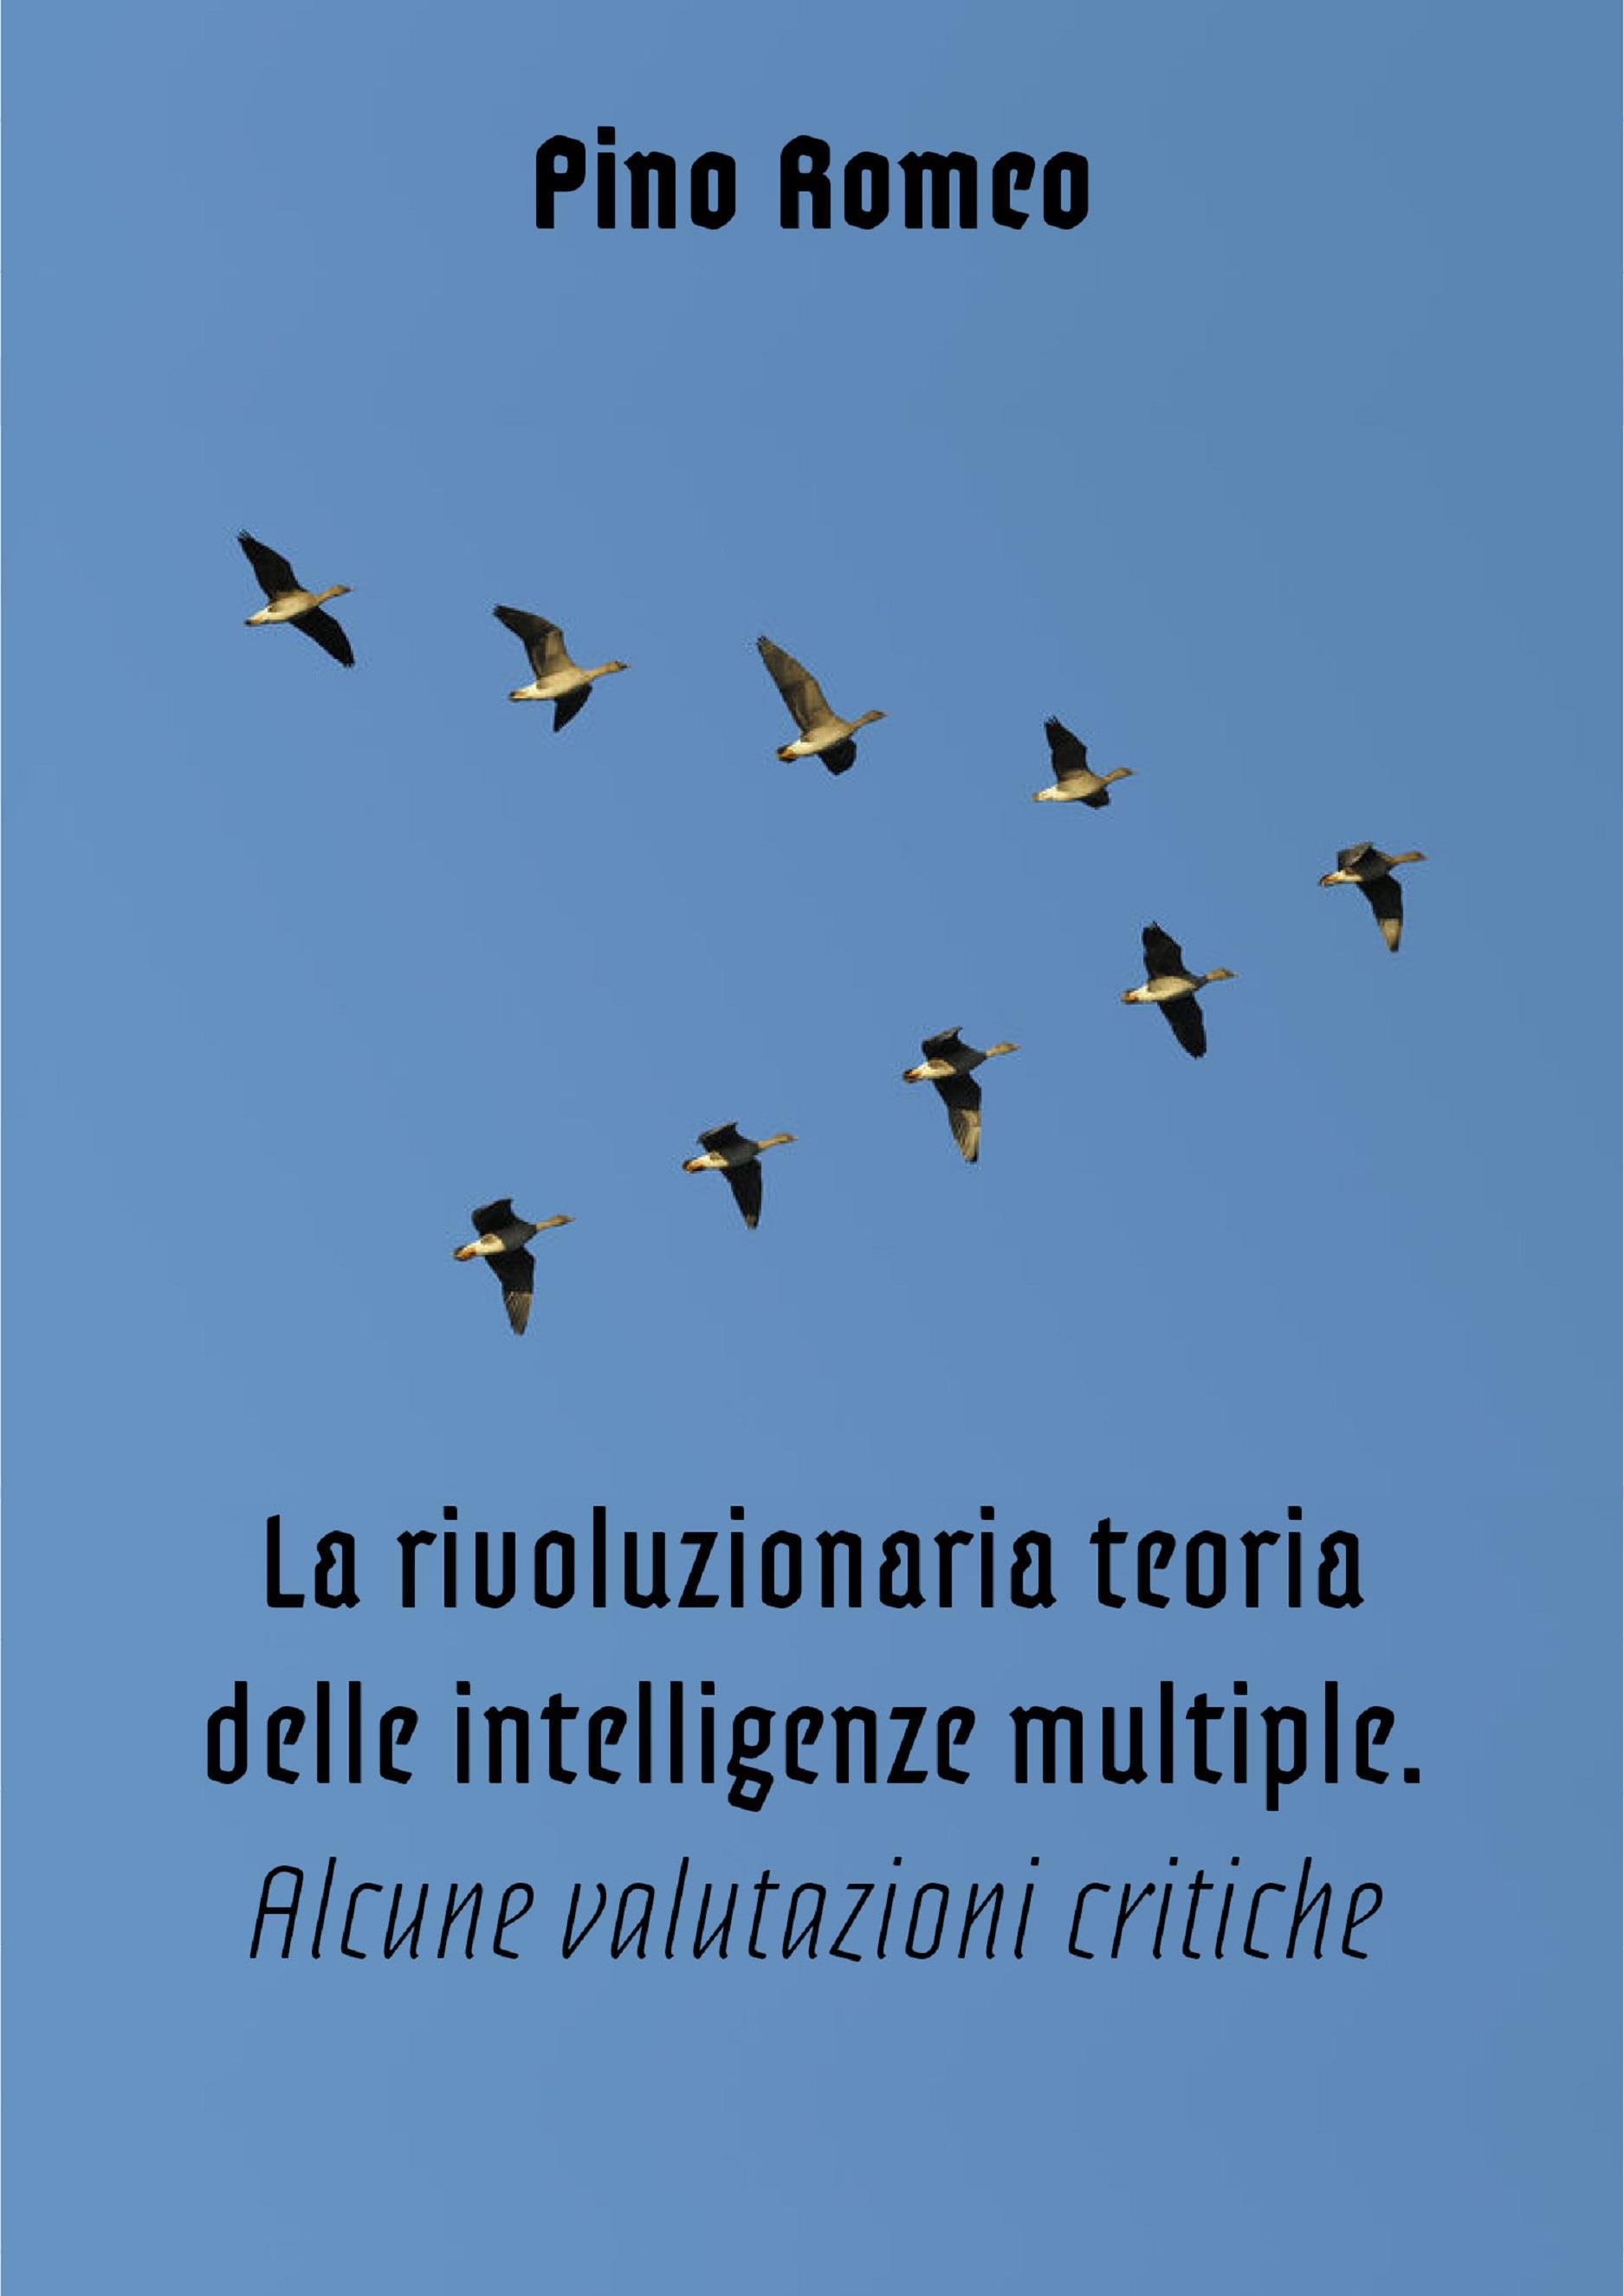 La rivoluzionaria teoria delle Intelligenze Multiple